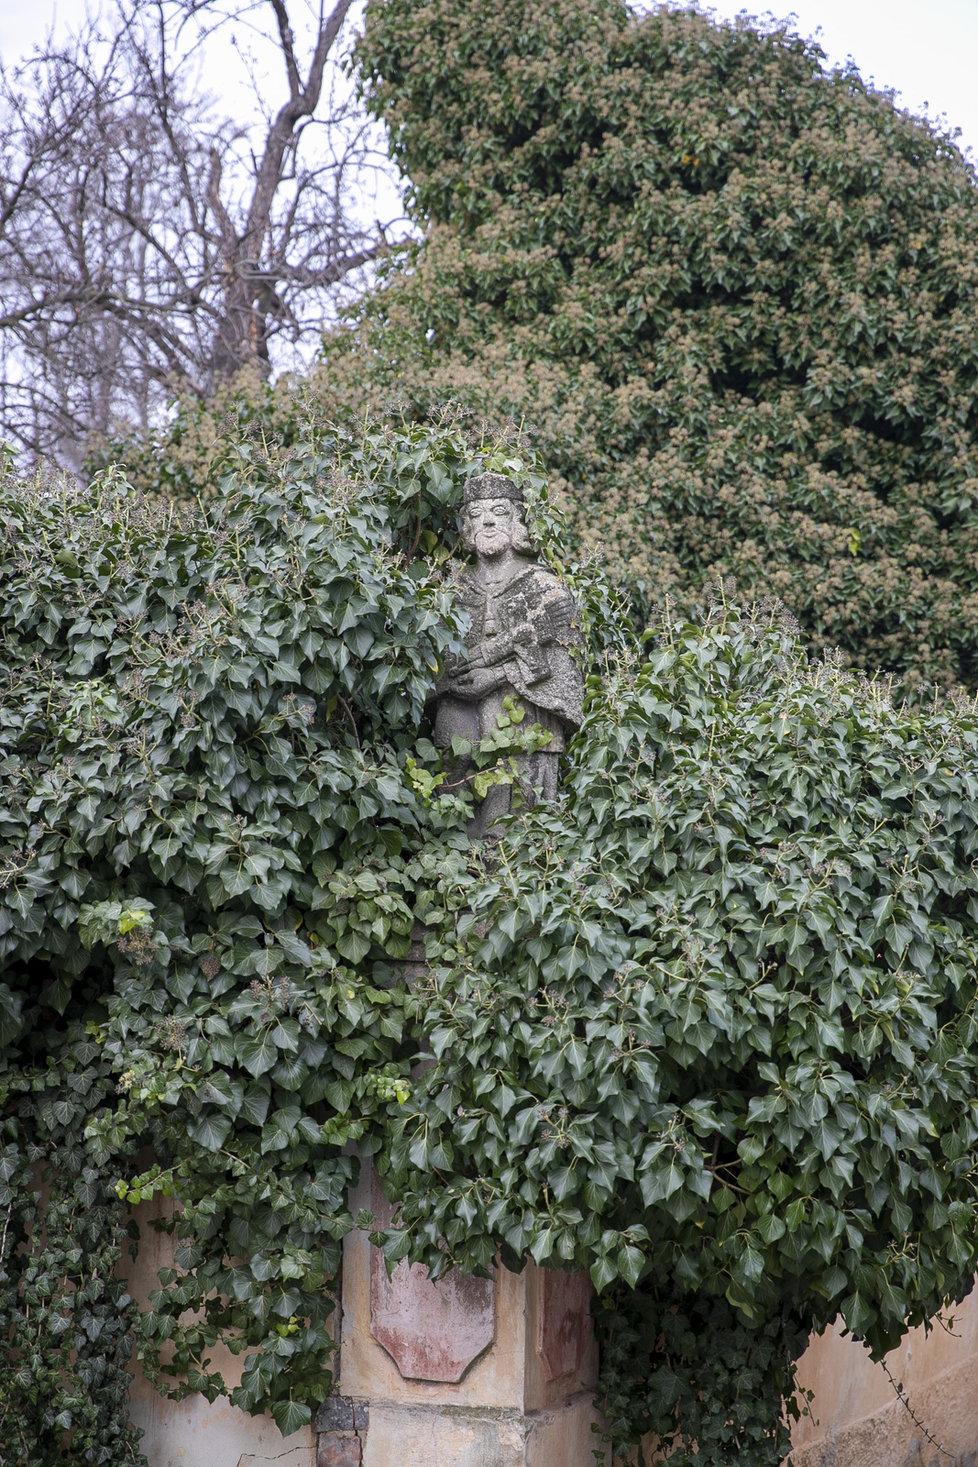 Nový Svět je jedním z vůbec nejmalebnějších míst v celé Praze. Takto na návštěvníky ze zeleně vykukuje například socha Jana Nepomuckého.